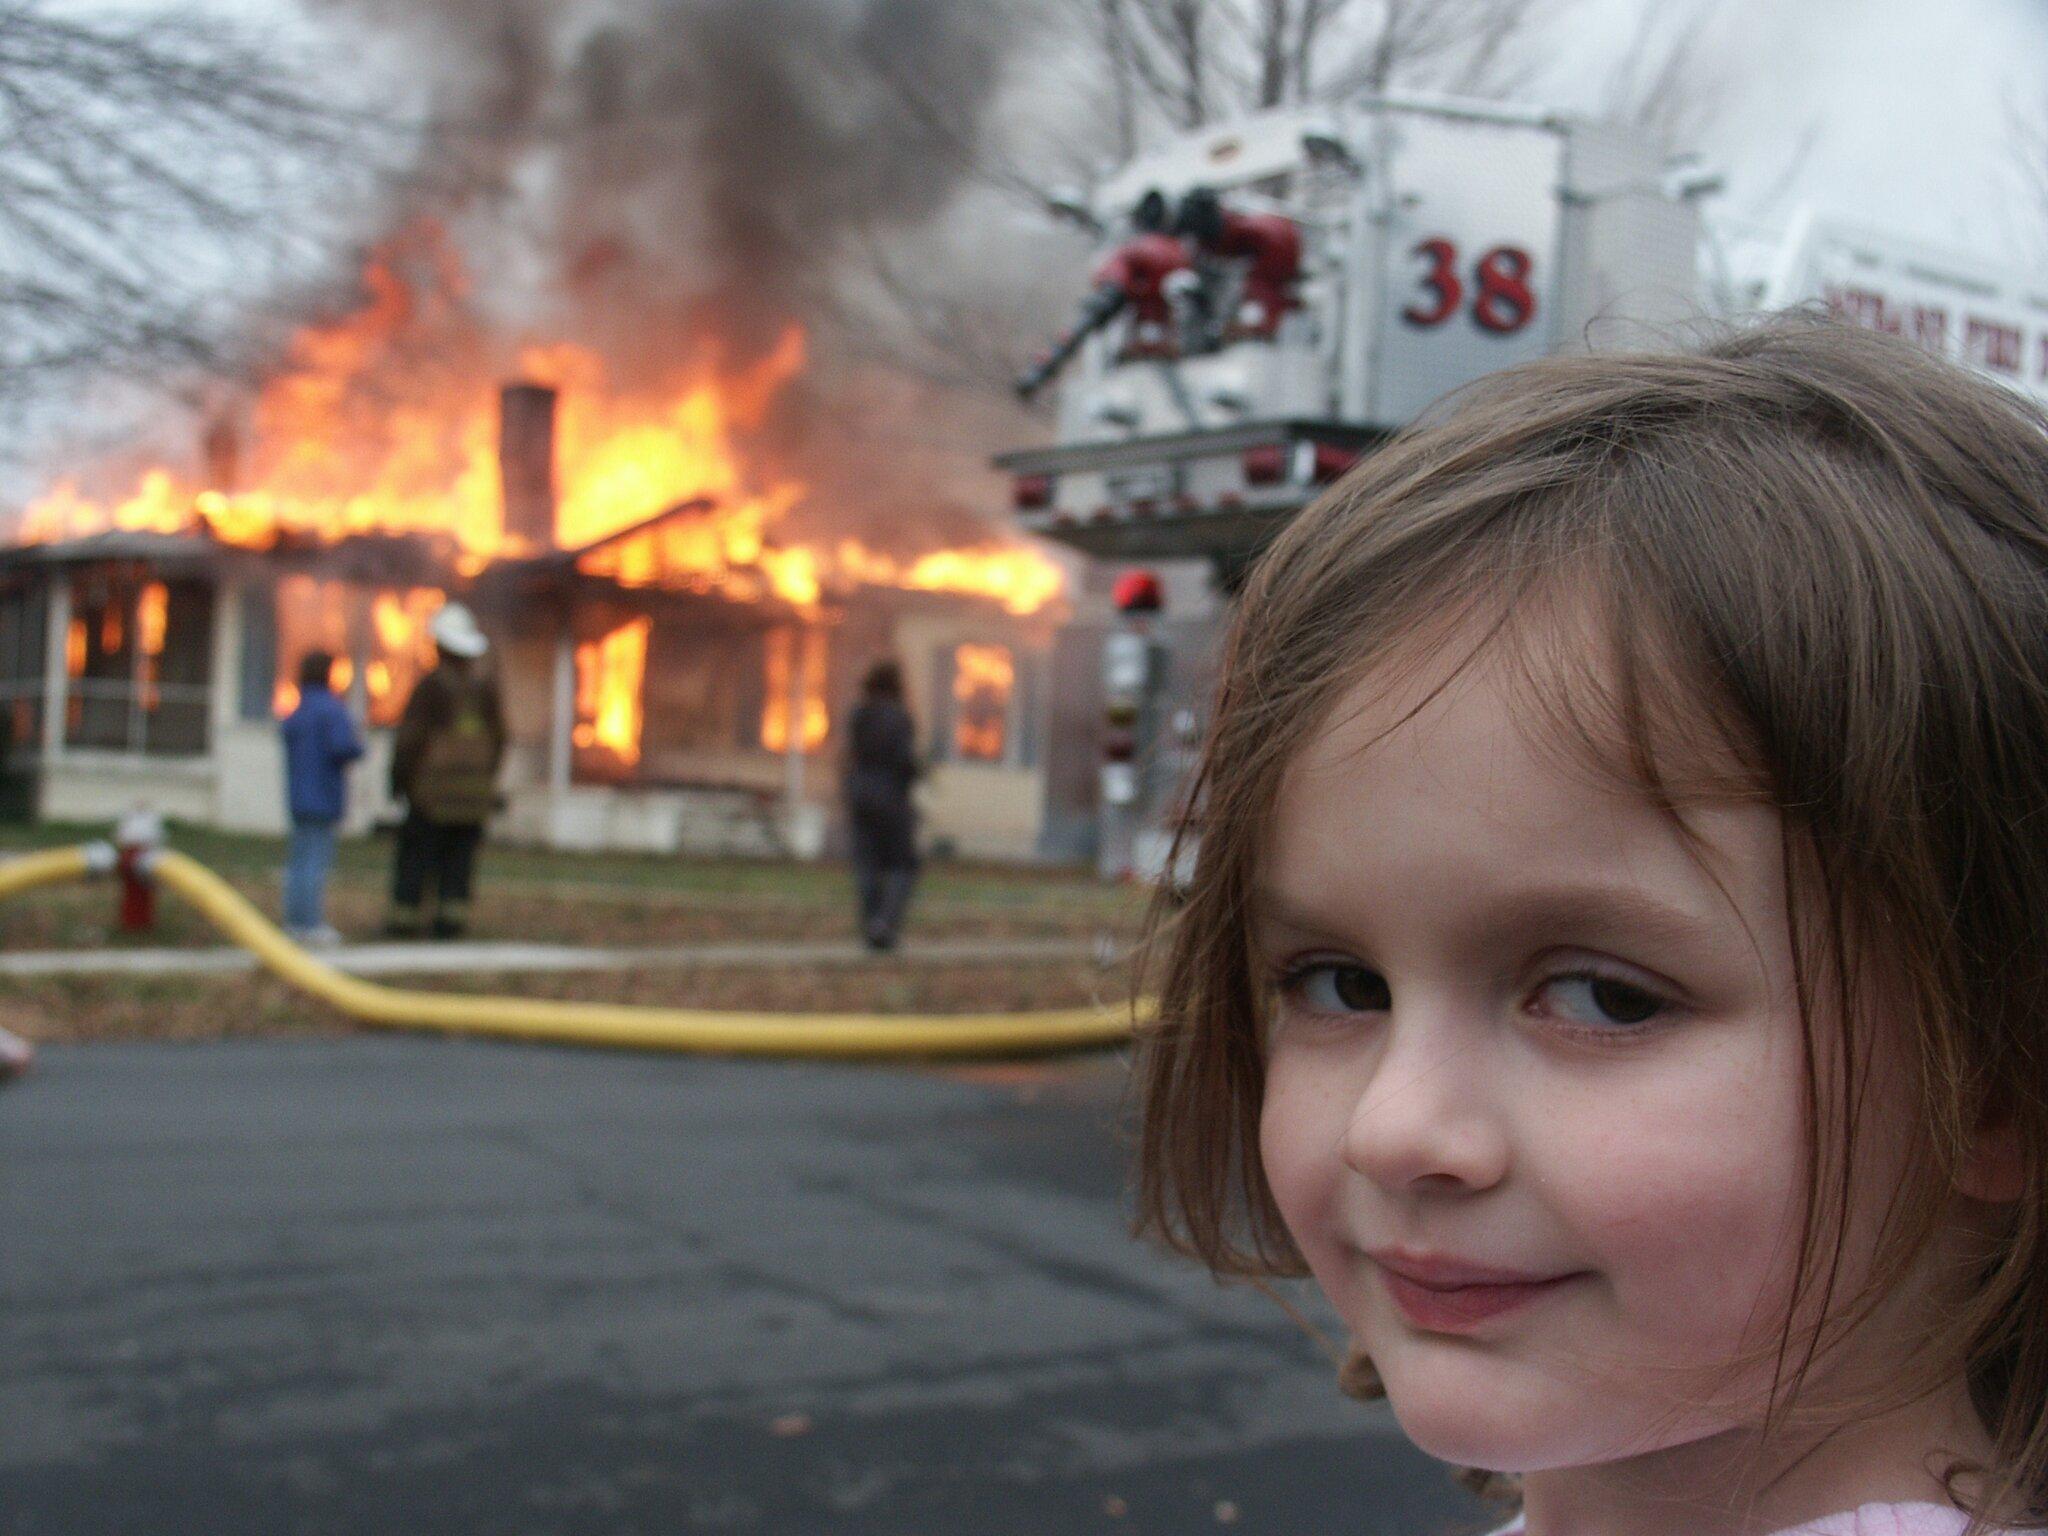 Bức ảnh khiến Zoe trở thành cô bé thảm họa. Ảnh: Dave Roth.